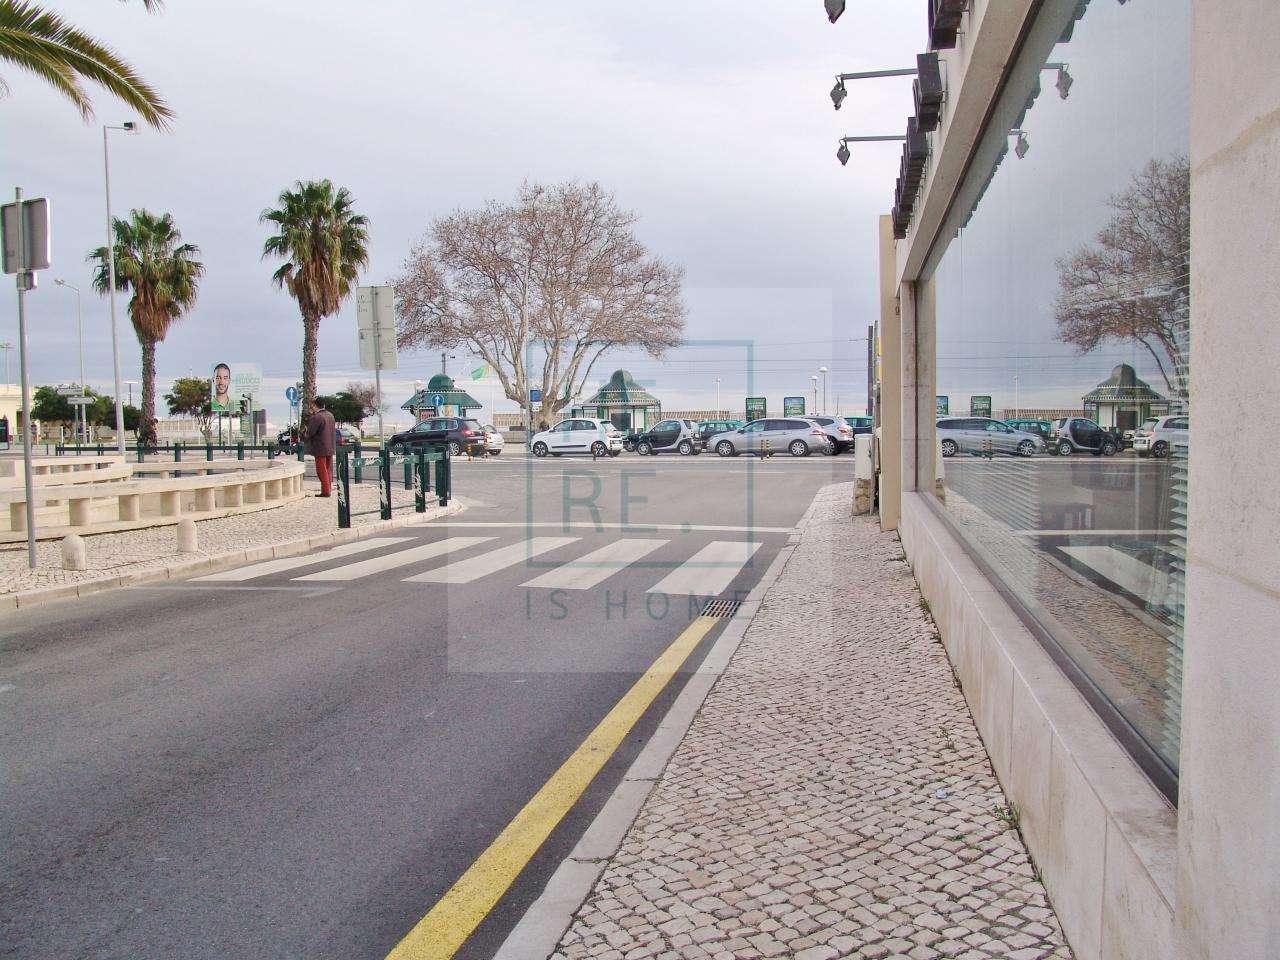 Loja para arrendar, Cascais e Estoril, Cascais, Lisboa - Foto 1